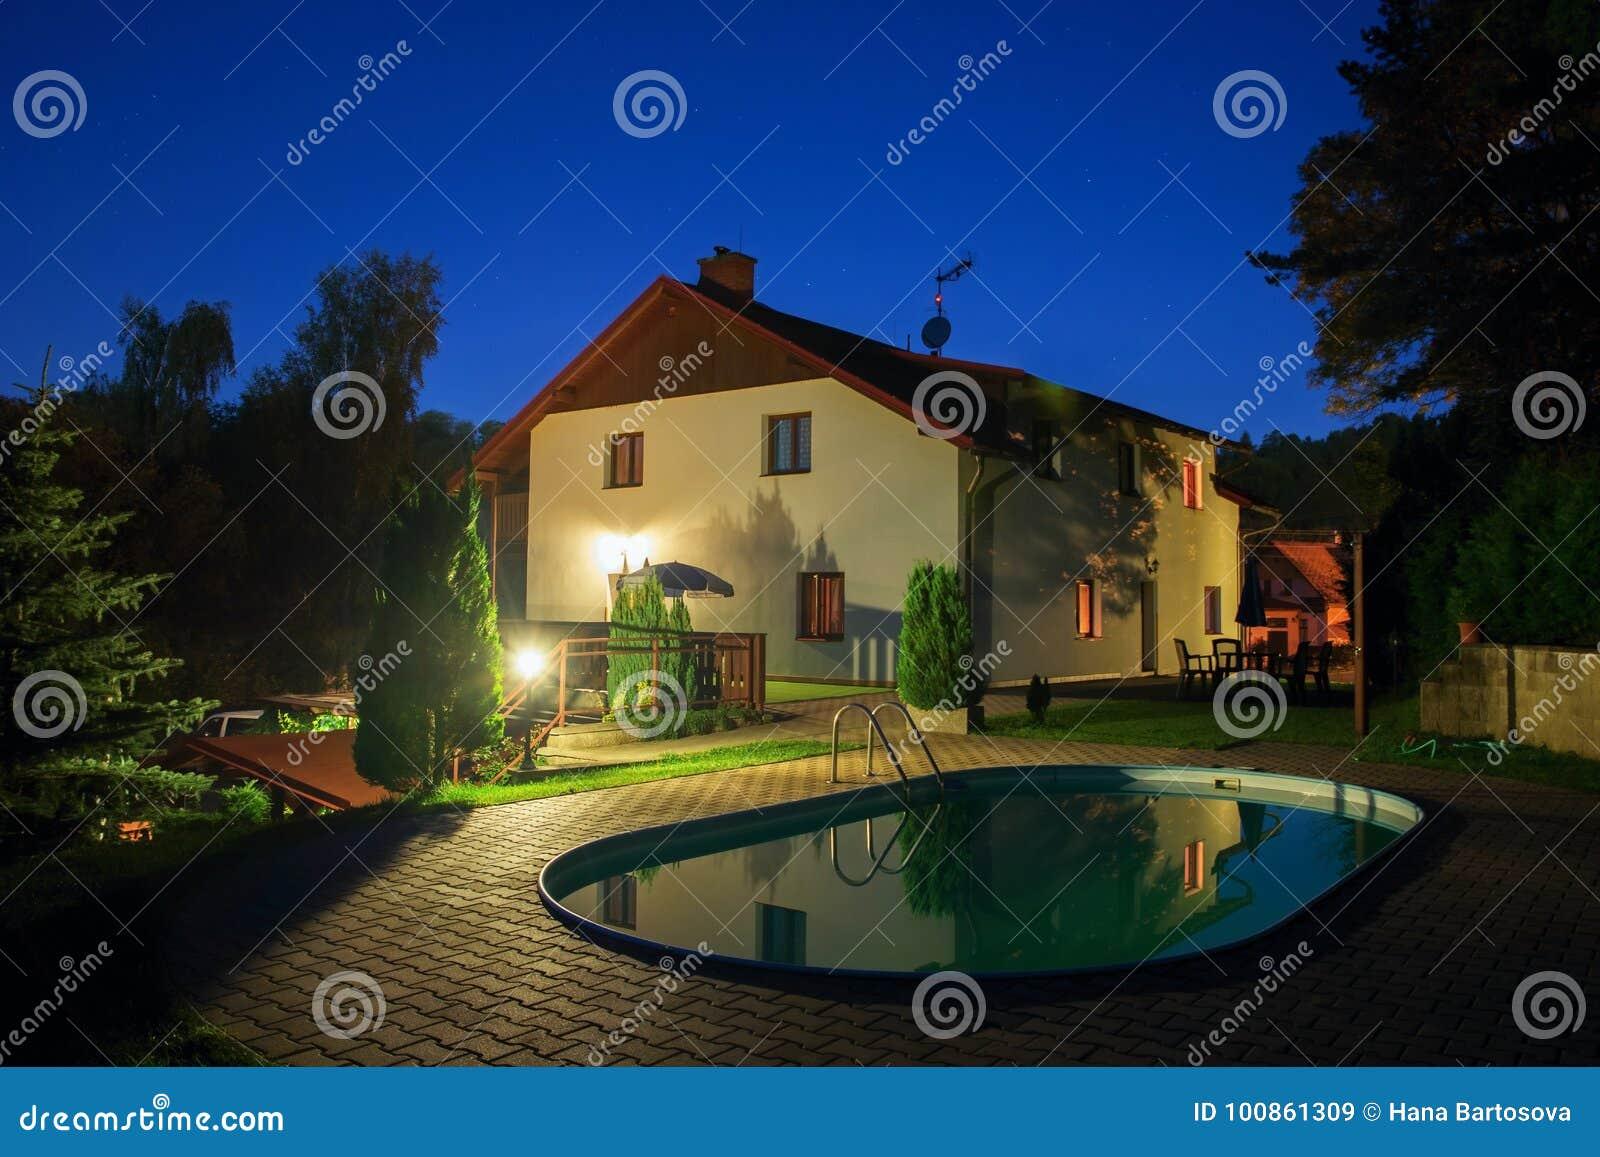 Camera con la piscina nell illuminazione di notte immagine stock